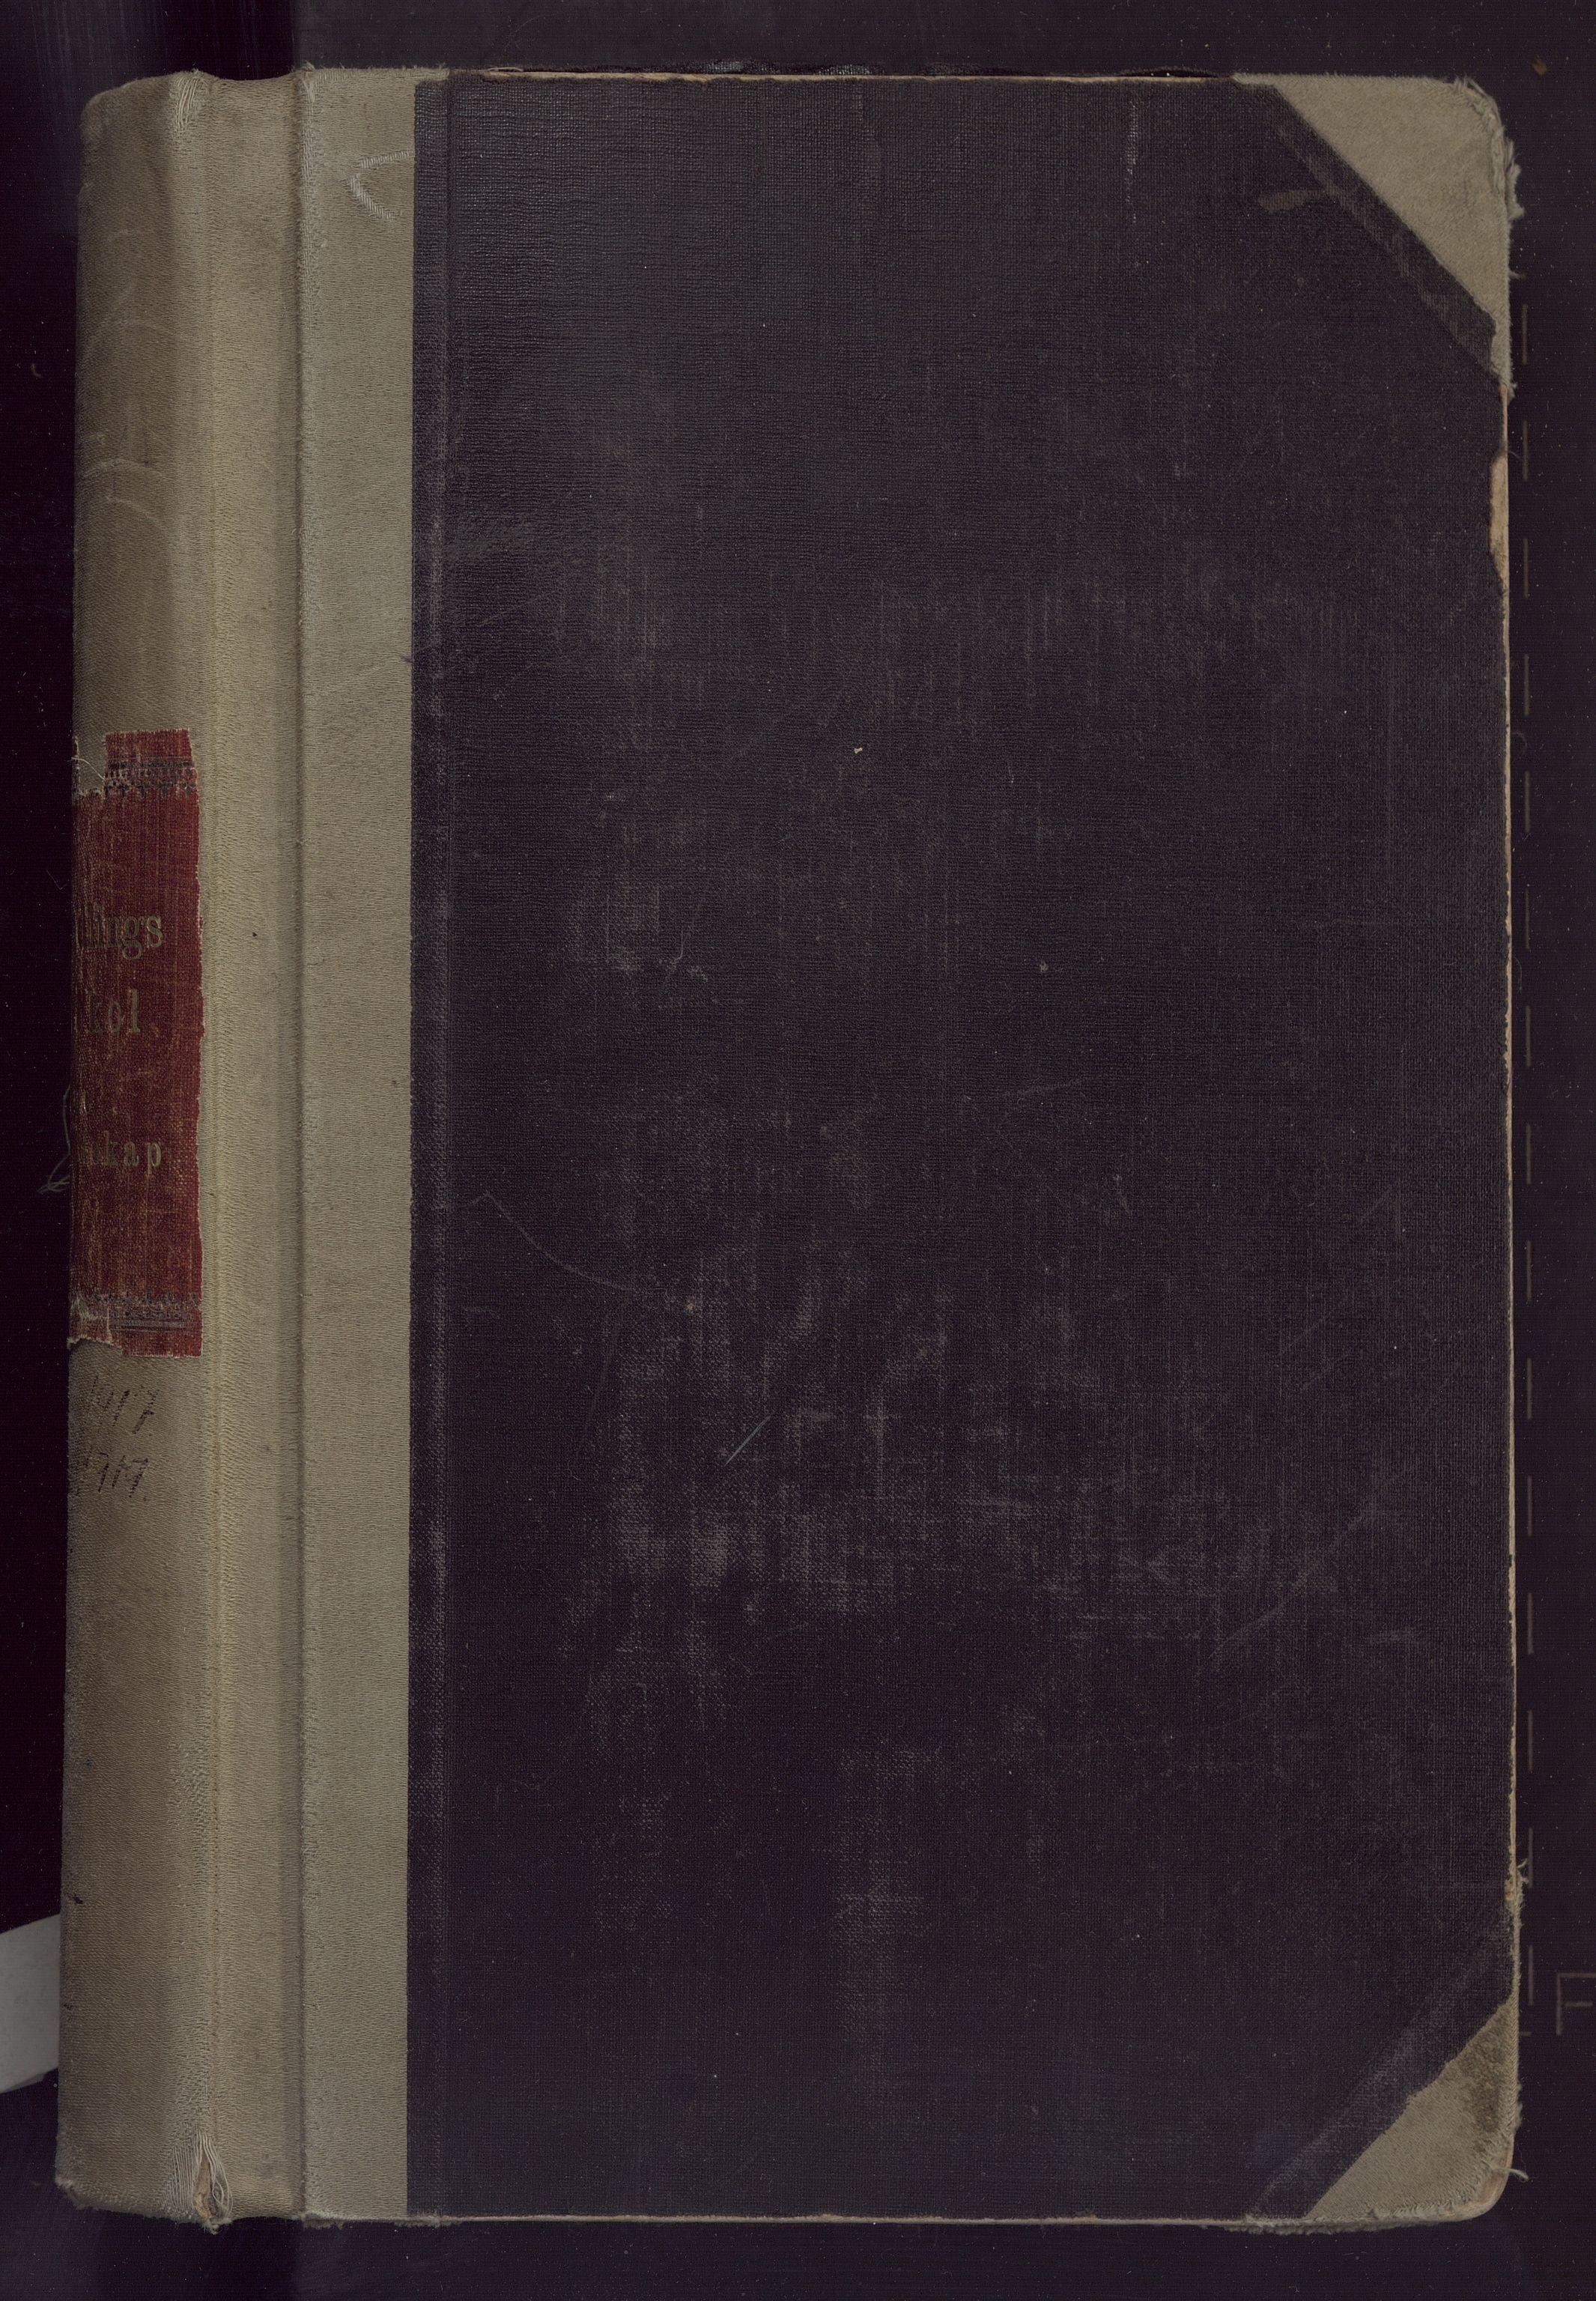 BBA, Fana kommune. Formannskapet, A/Ab, 1917-1919